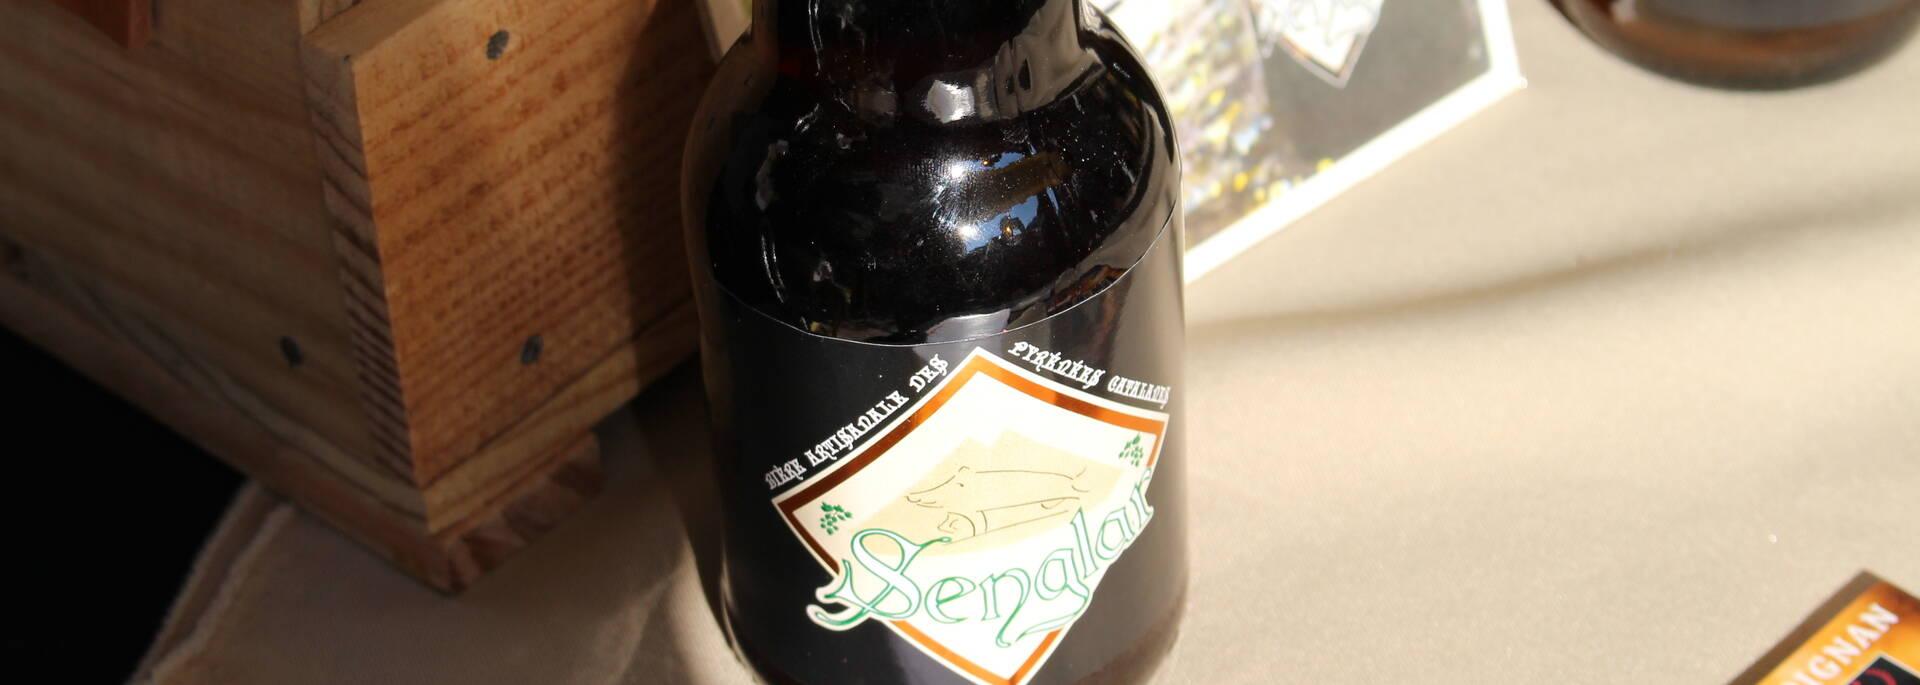 Bière la Senglar de Mantet - Marché de la Rotja